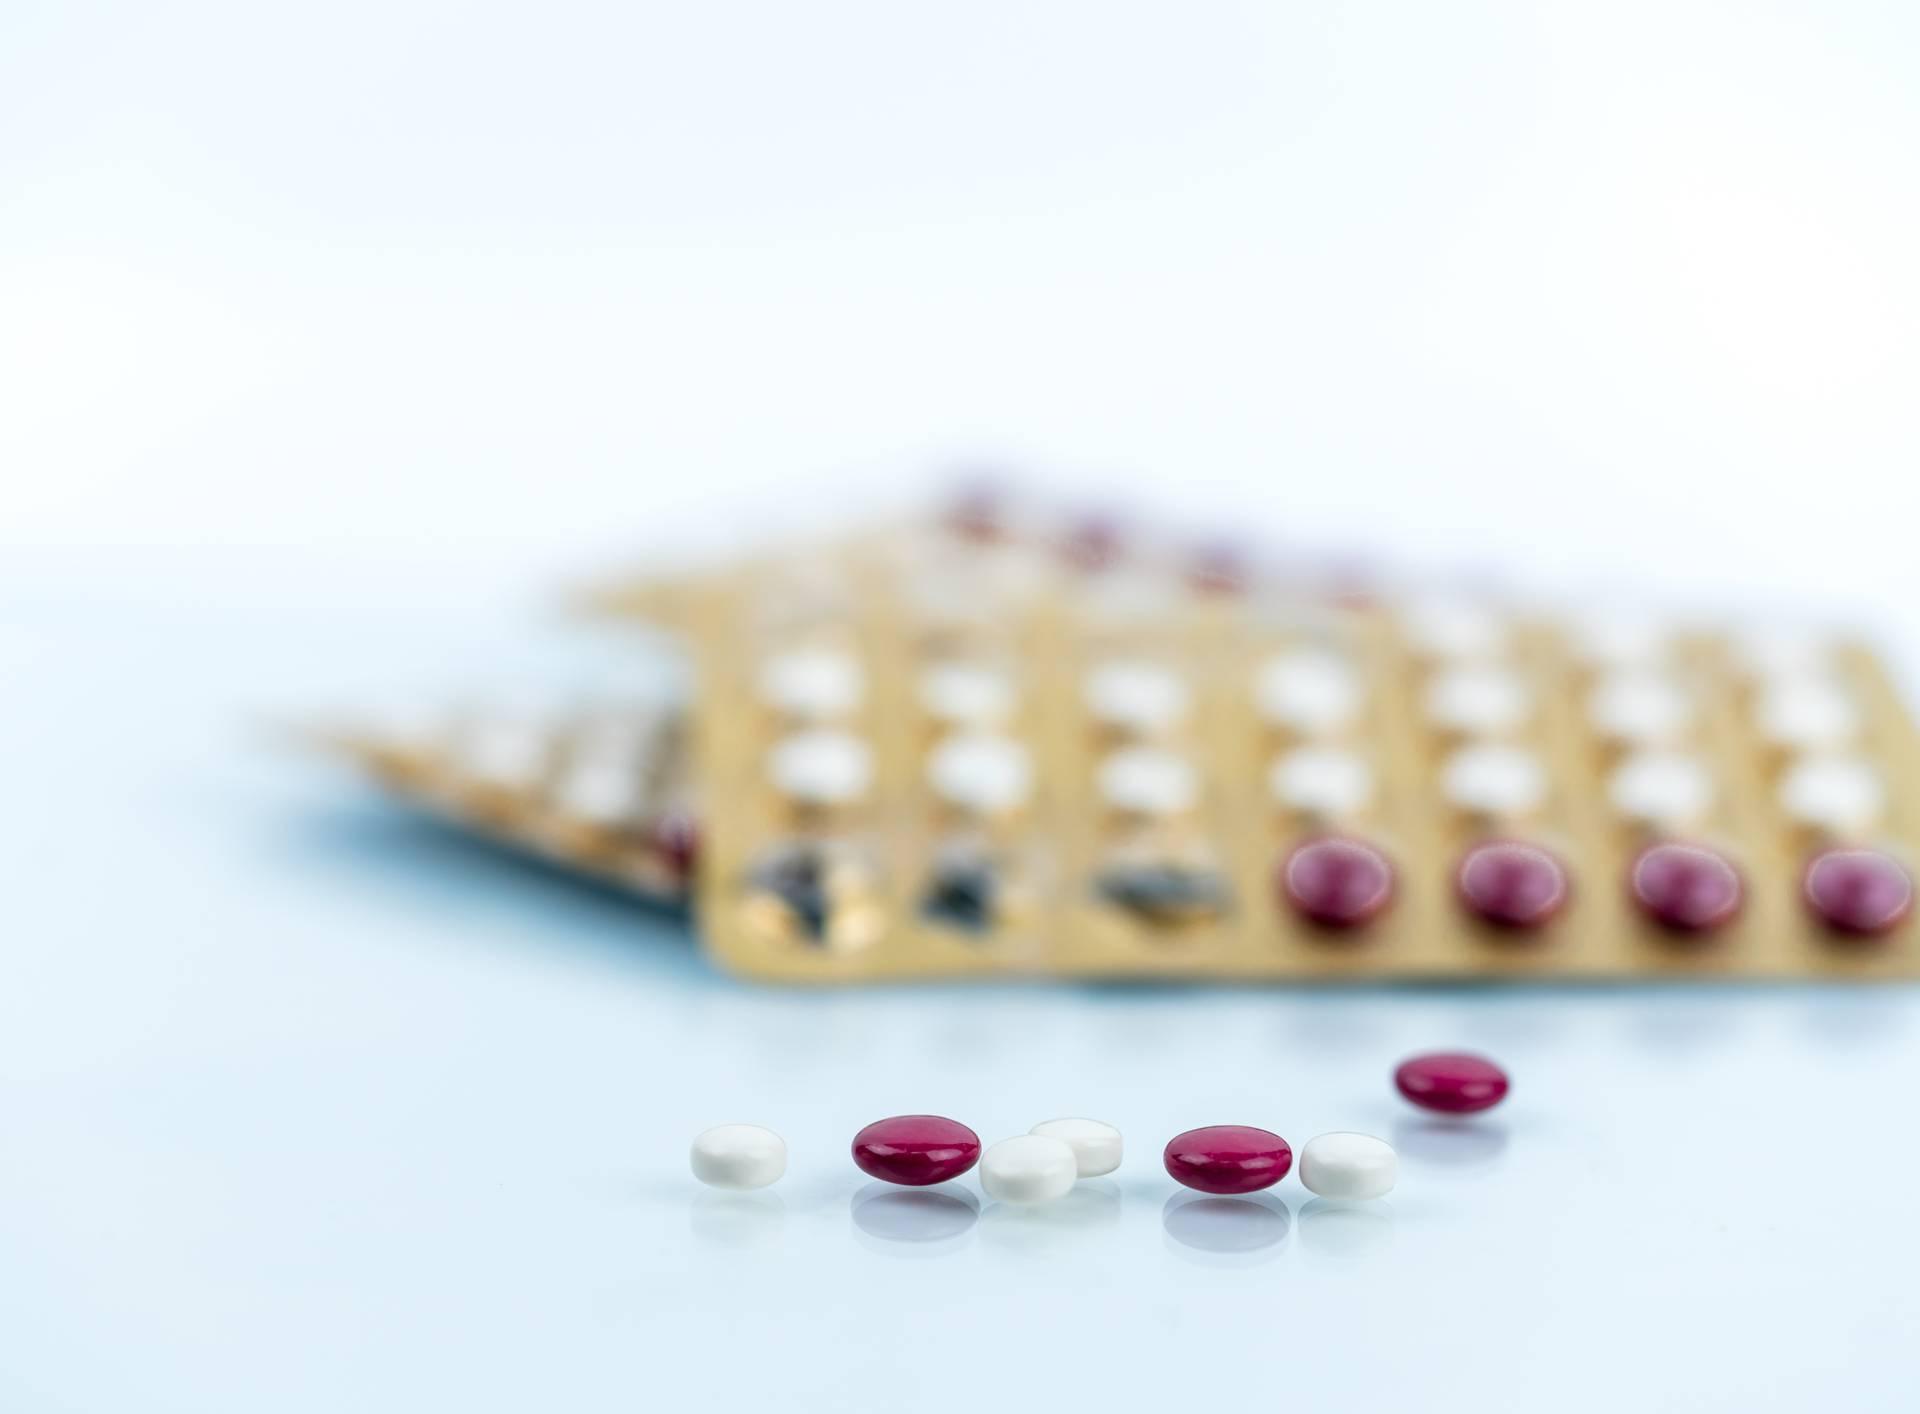 Tajna kontracepcijskih pilula koju bi sve žene trebale znati